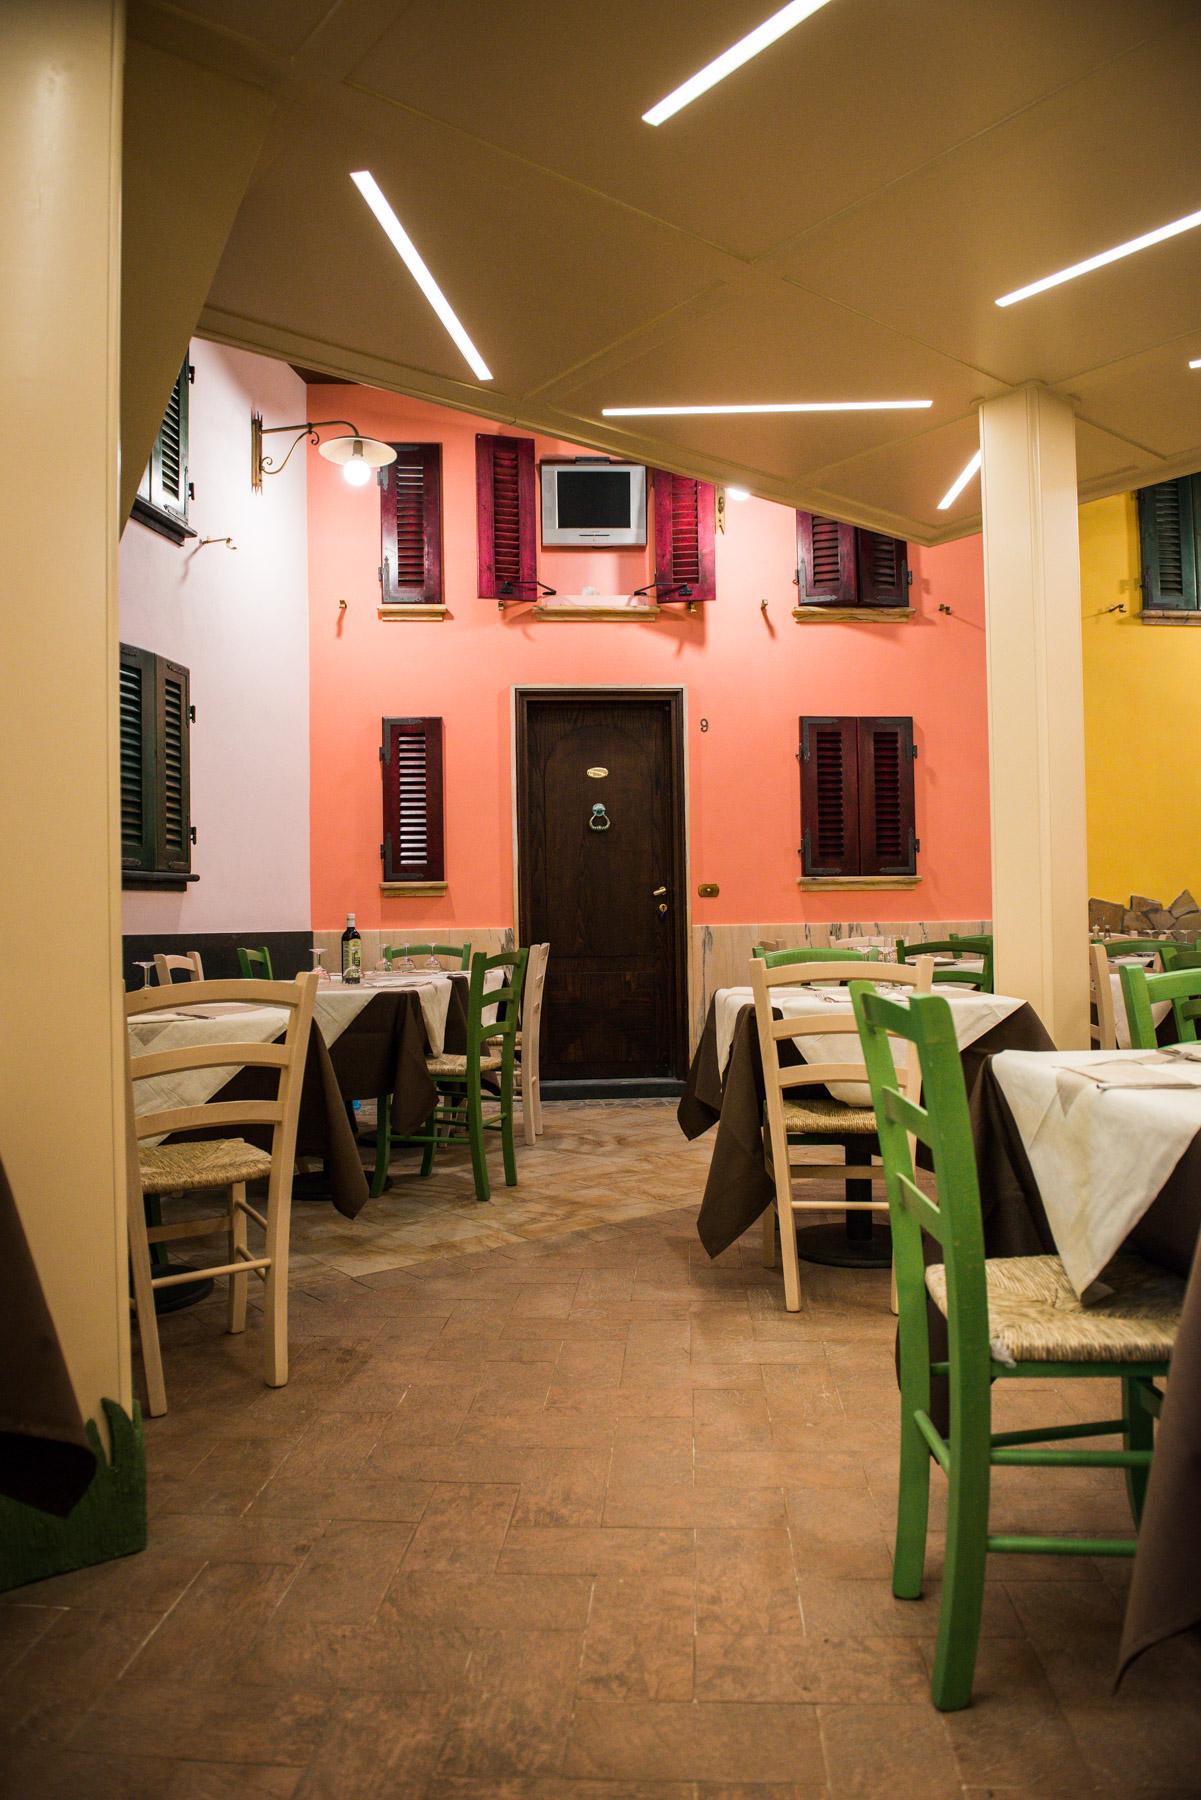 vecchia senese sala 4 ristorante livorno